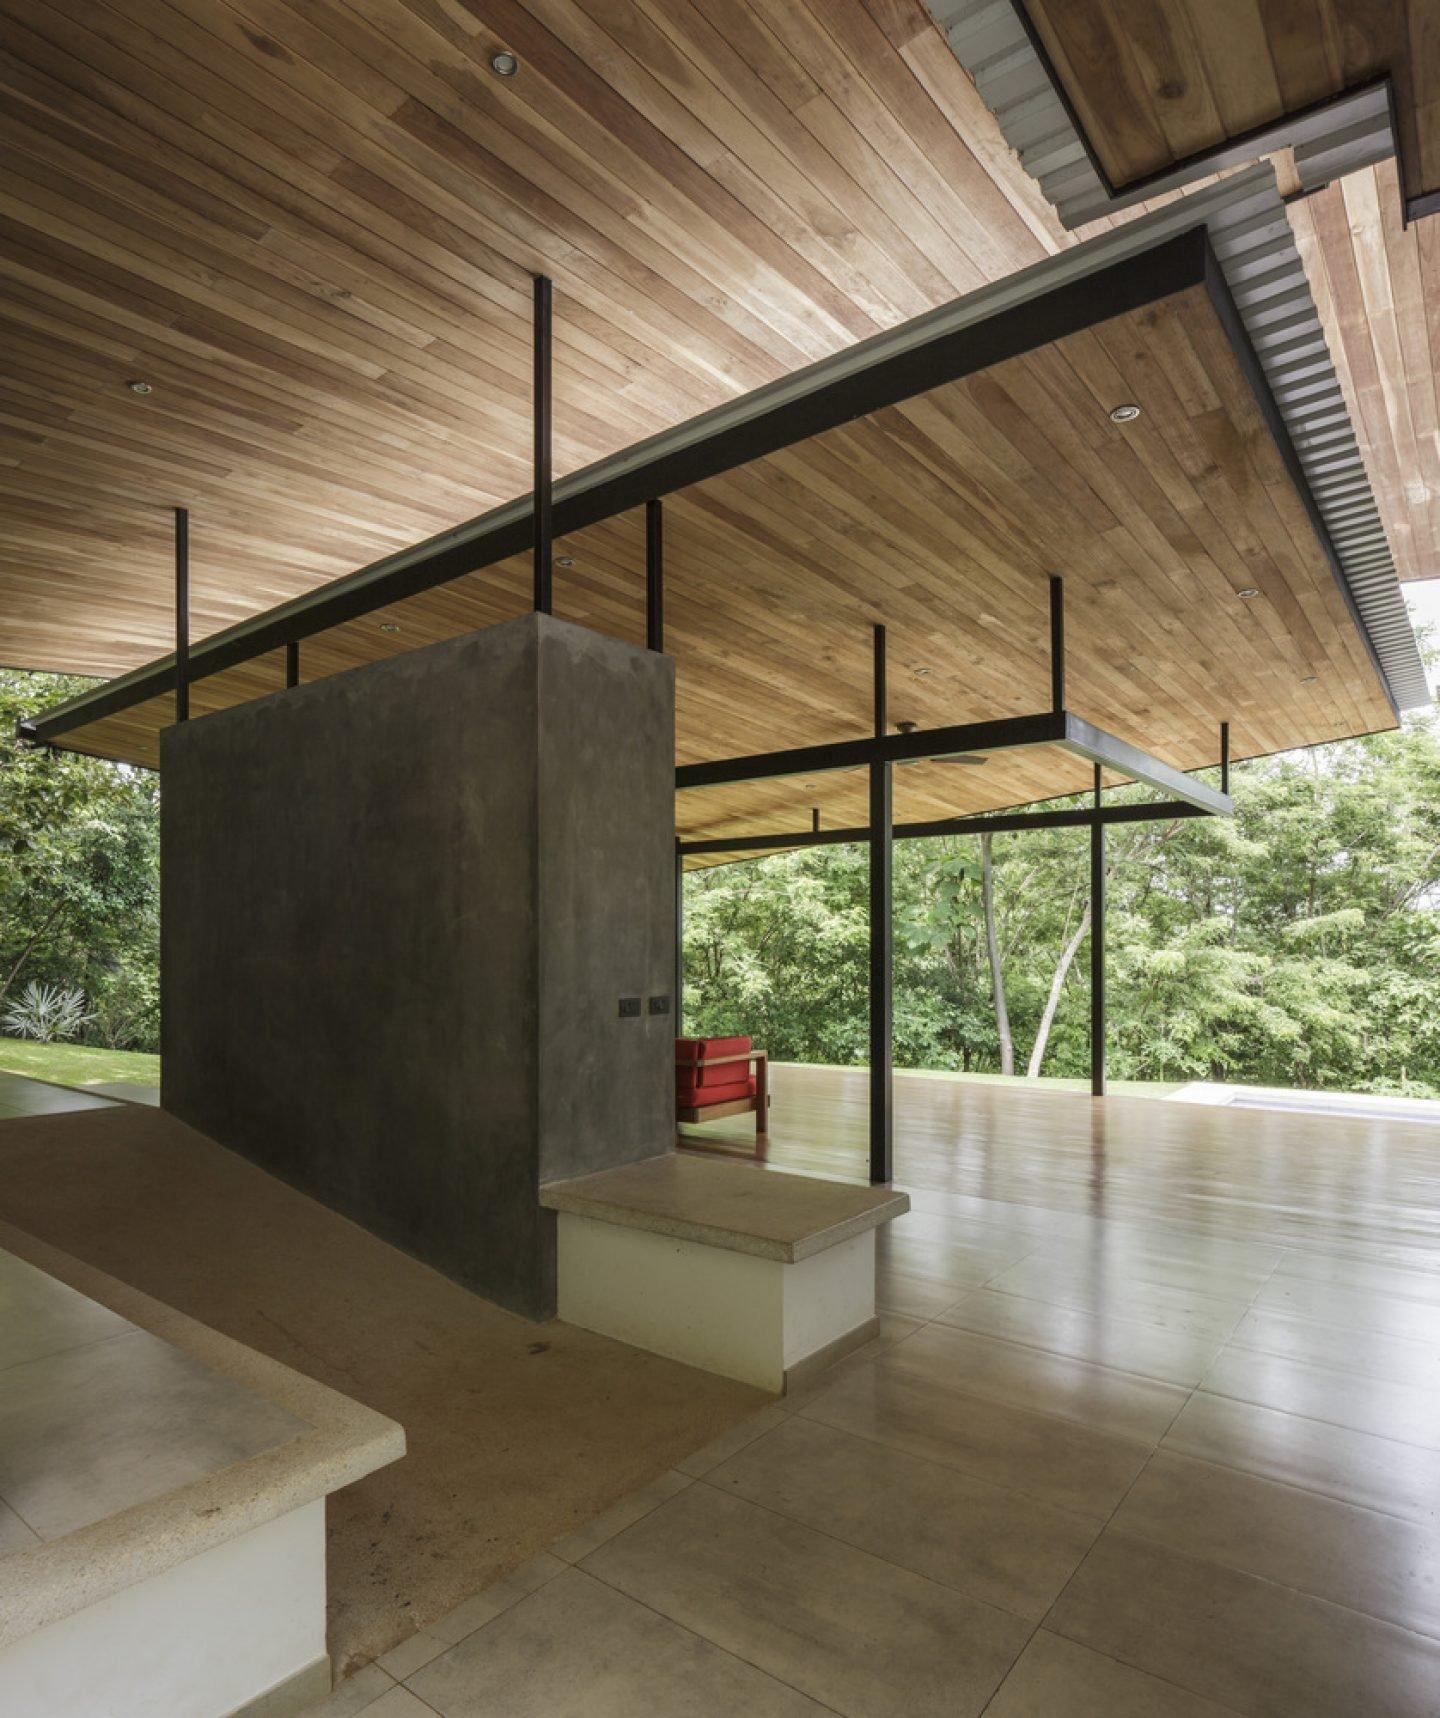 iGNANT_Architecture_Las_Hojas_House_Os_Arquitectura_15